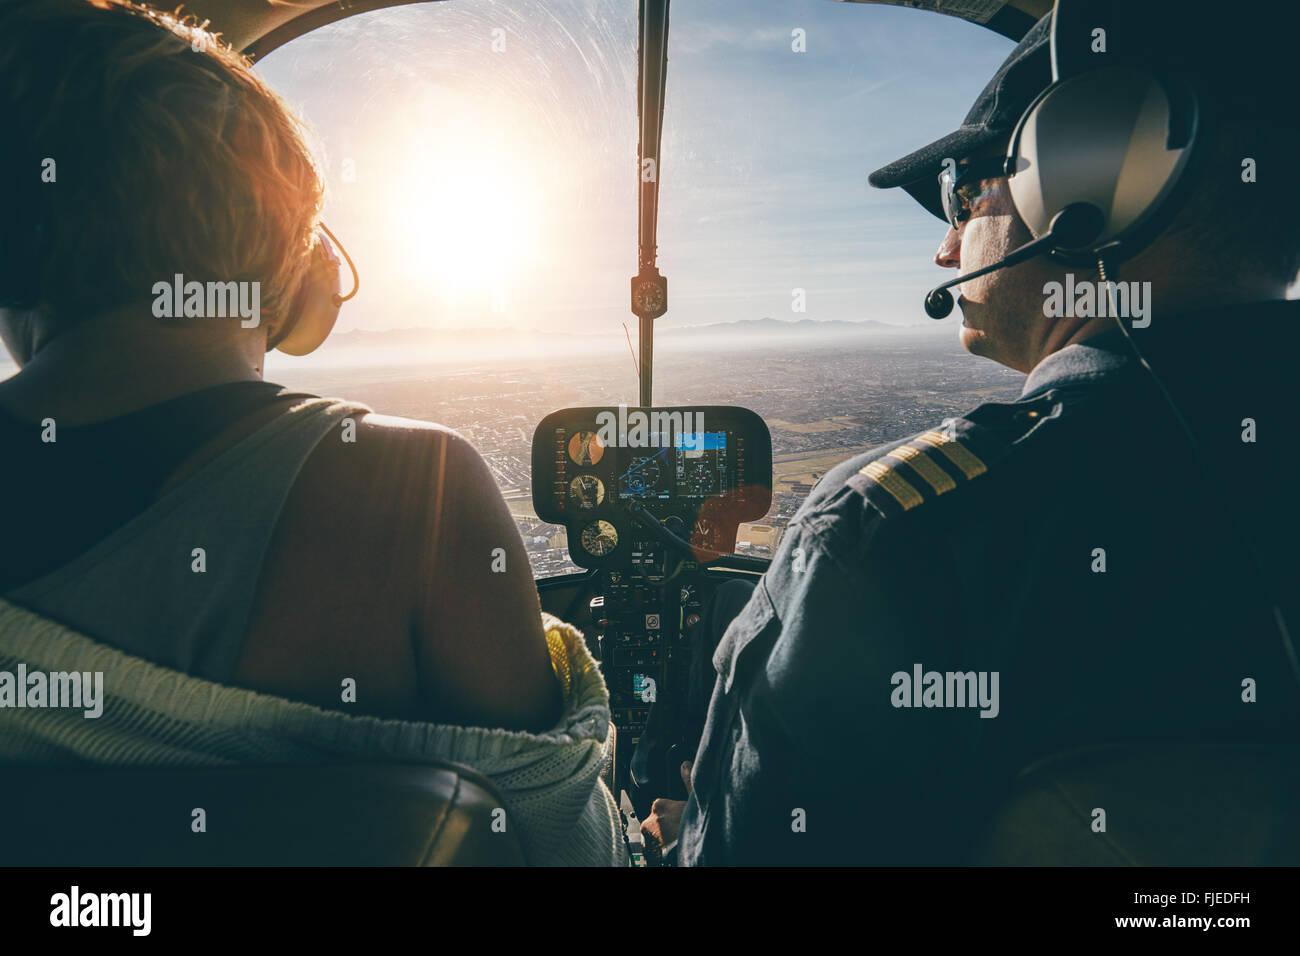 Vue arrière d'hommes et de femmes pilotes aux commandes d'un hélicoptère le jour ensoleillé. Photo Stock